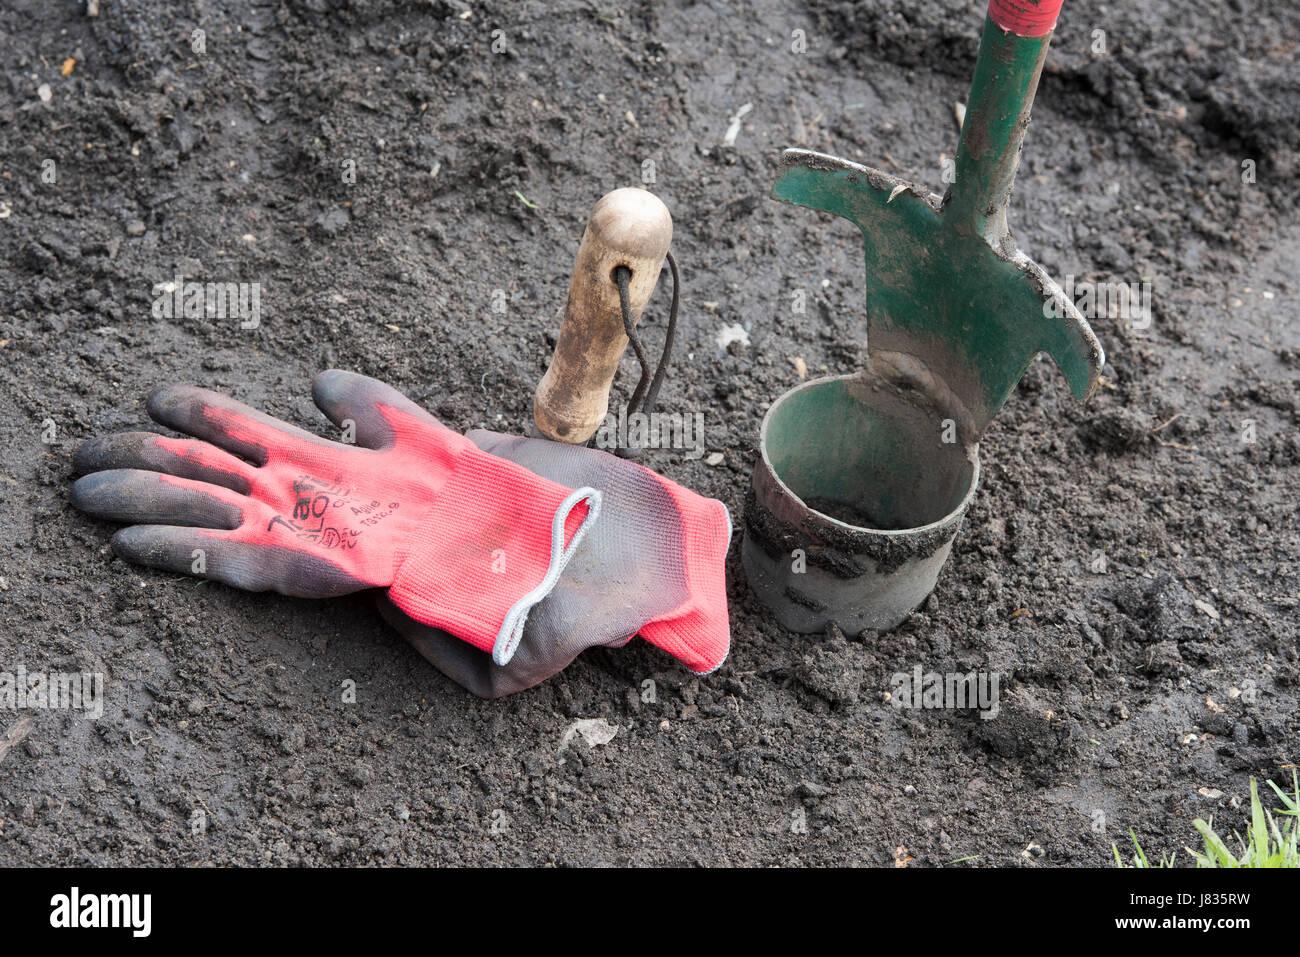 Bulb planter and garden gloves in a garden border. UK - Stock Image